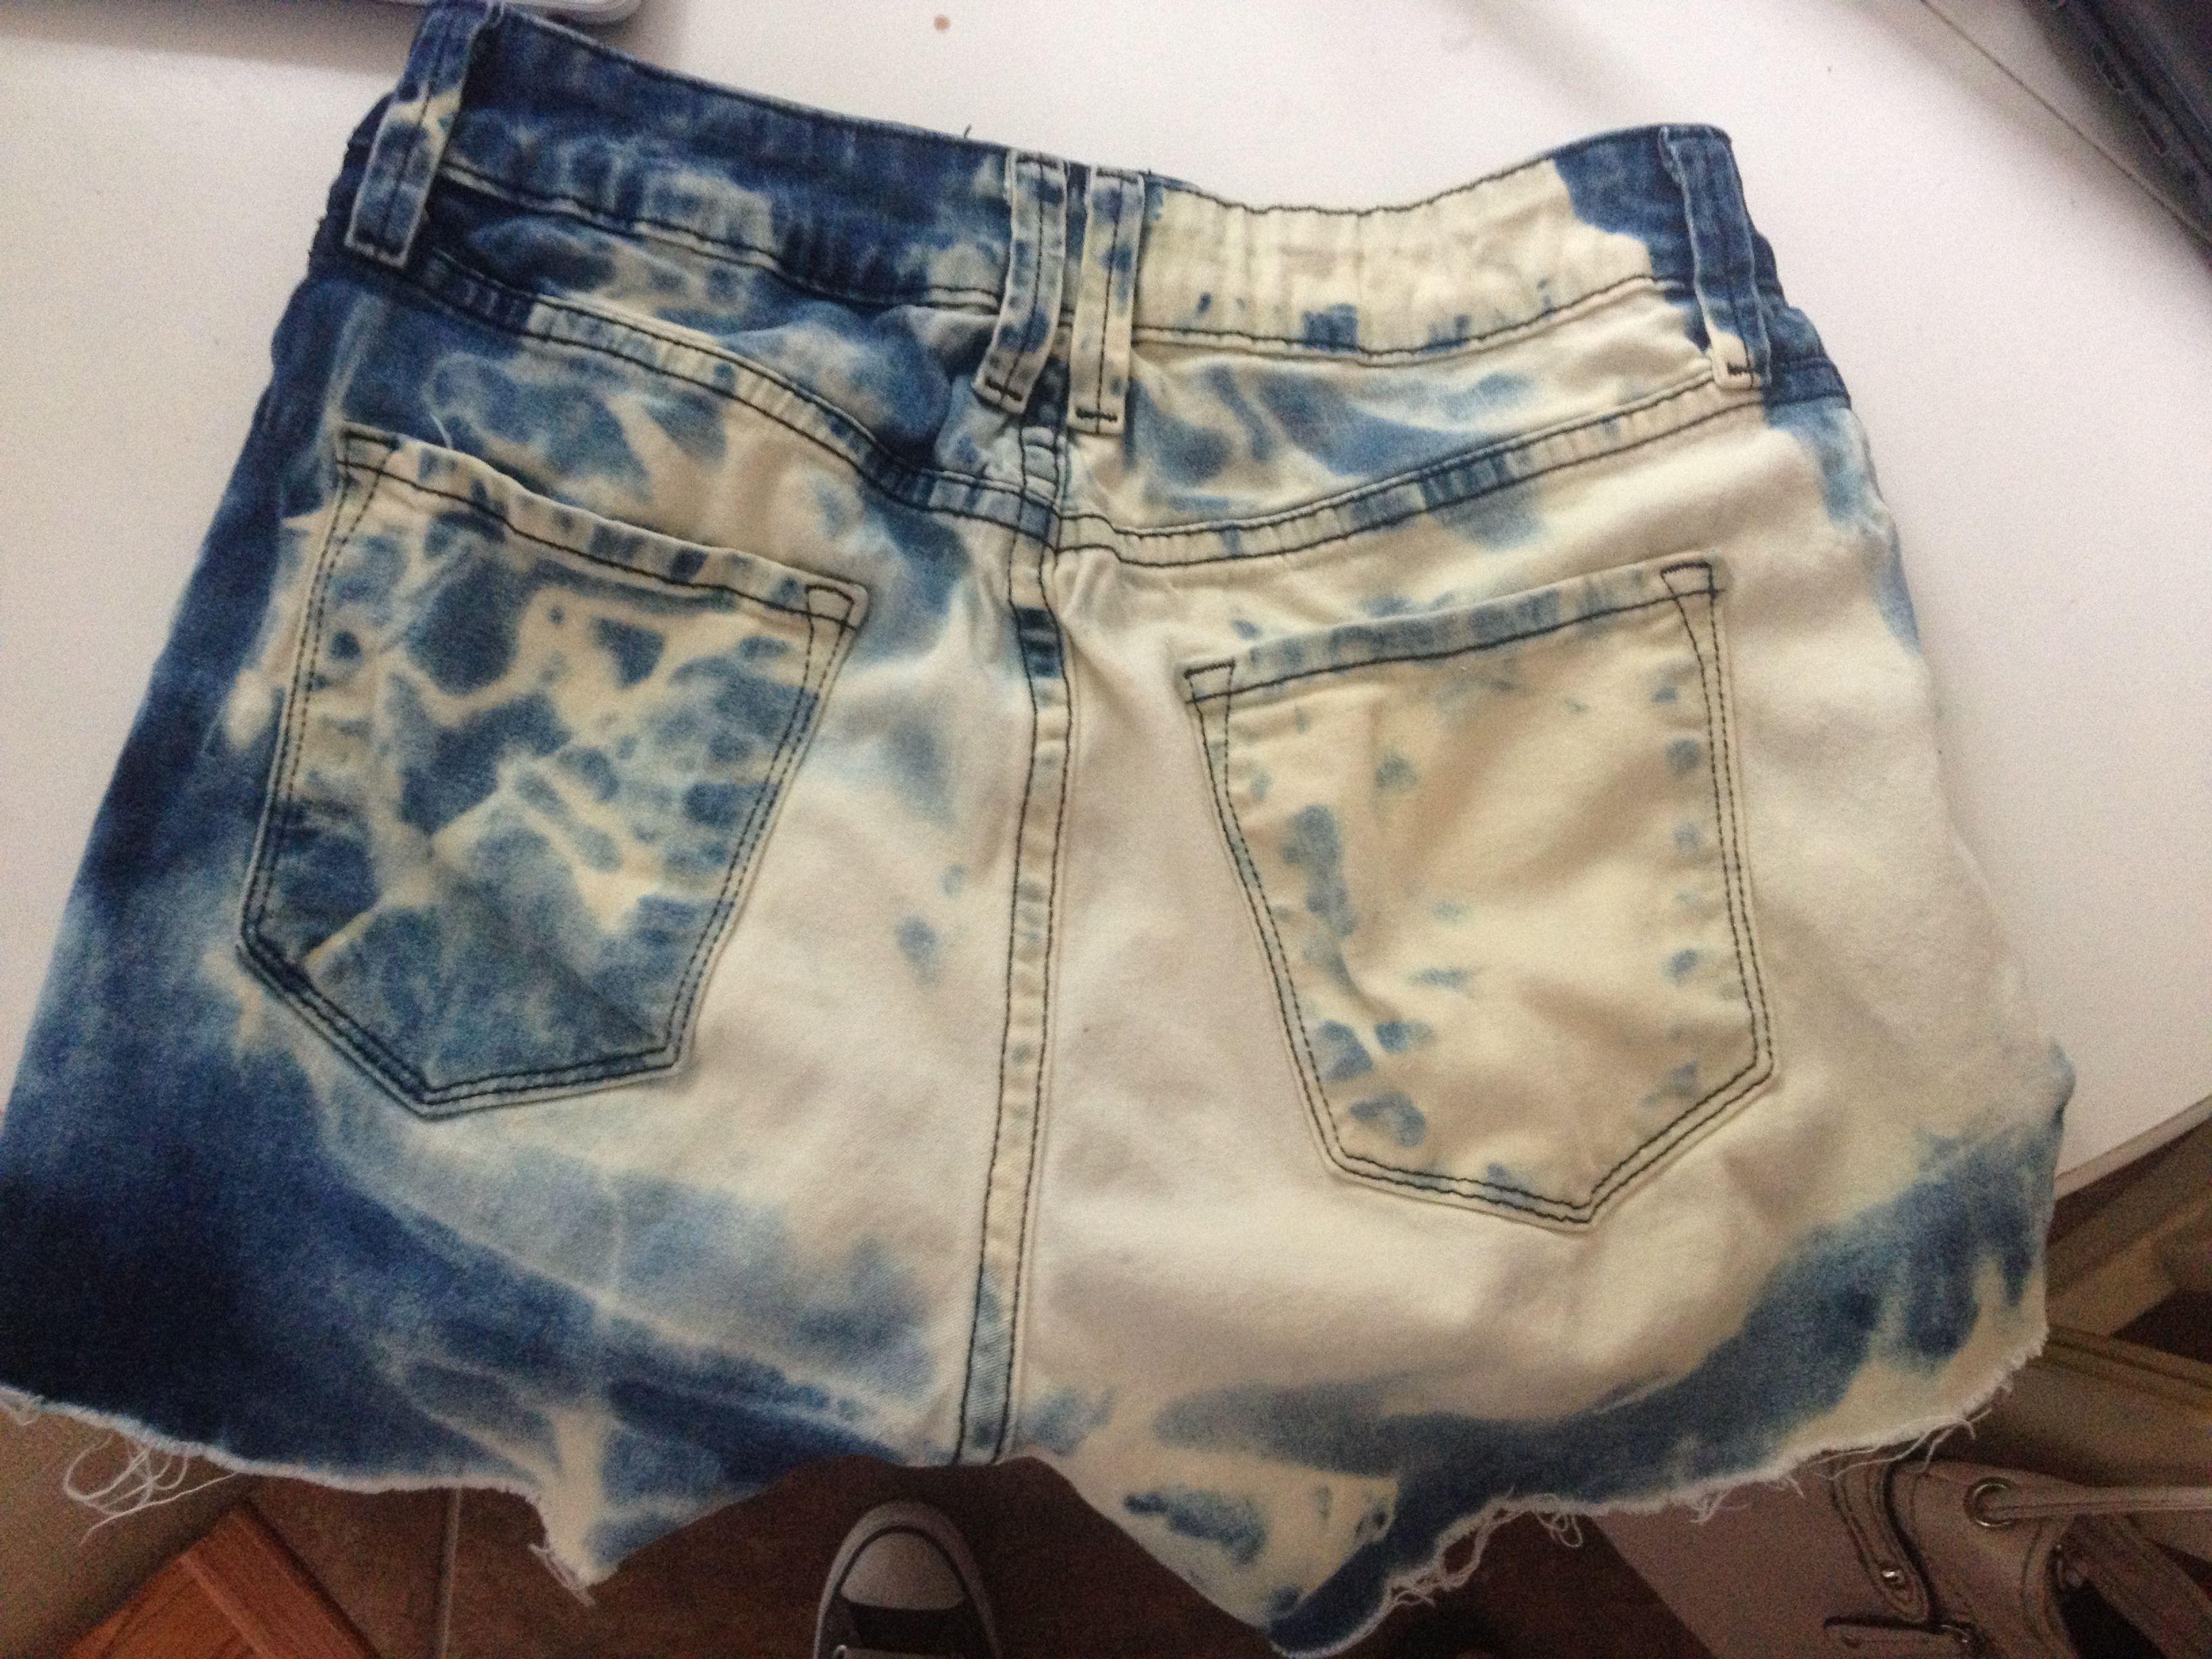 Bleach shorts DIY | Diy shorts, Bleached shorts, Tye dye